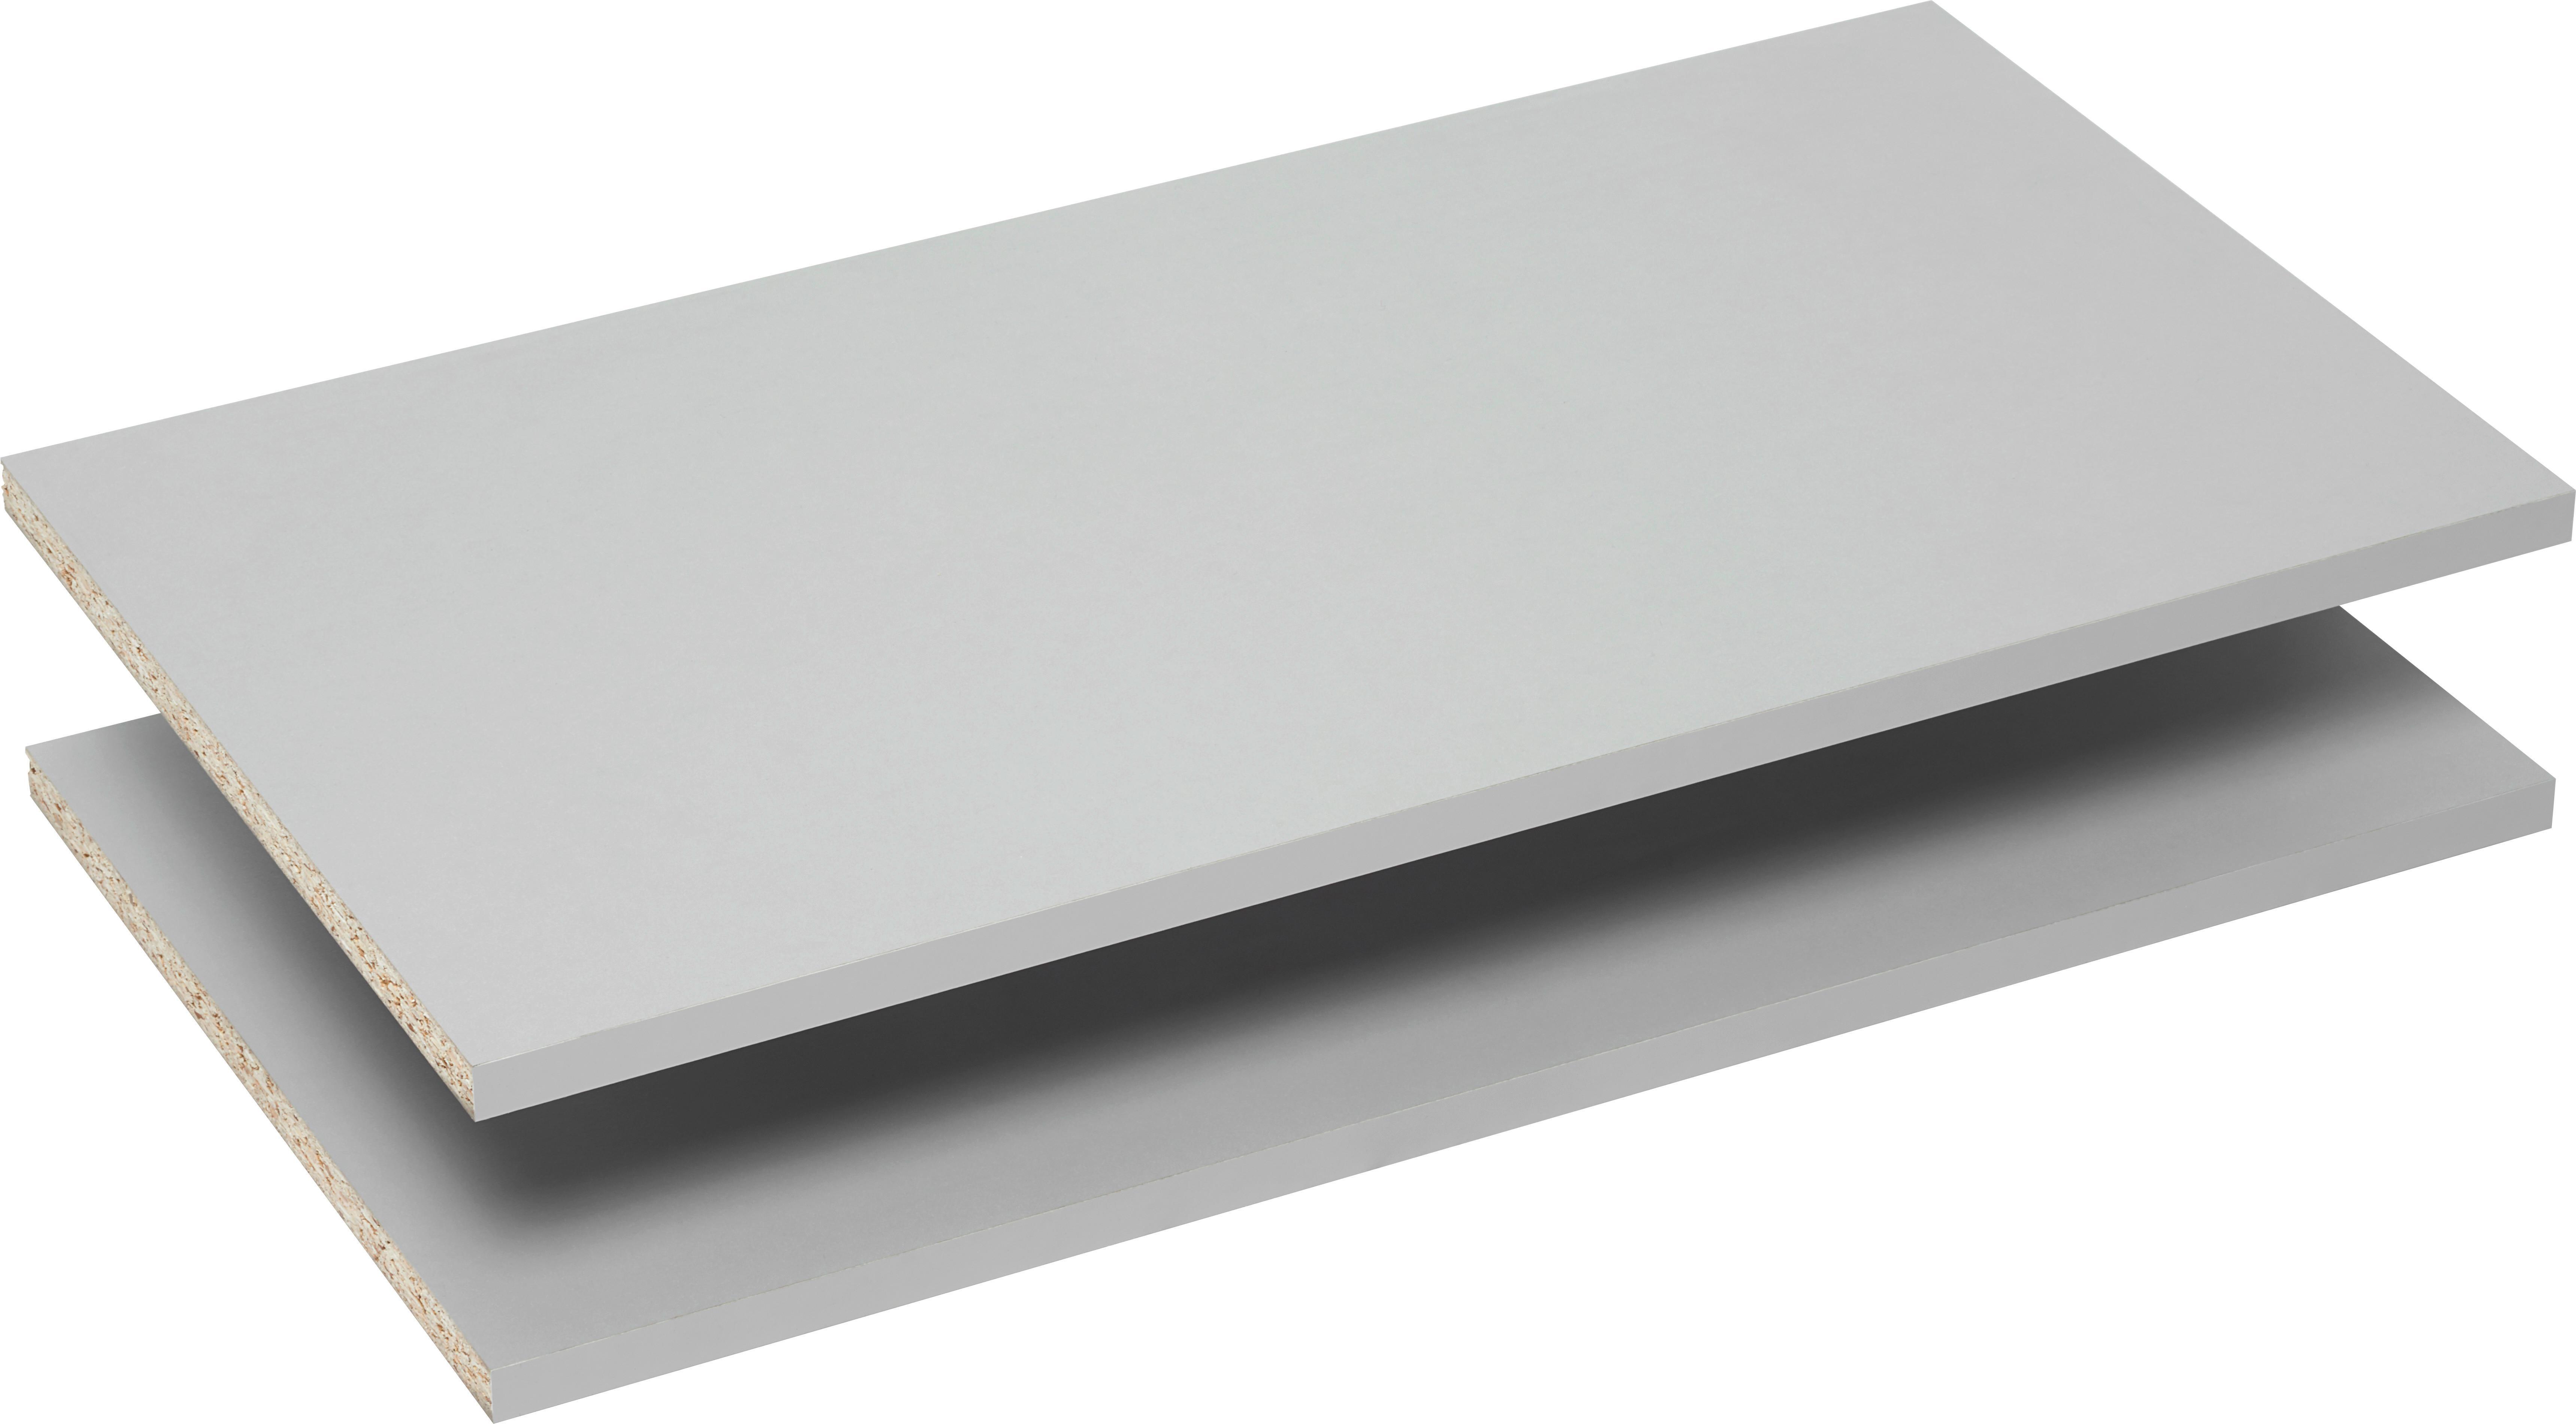 Einlegebodenset in Grau 2er Set